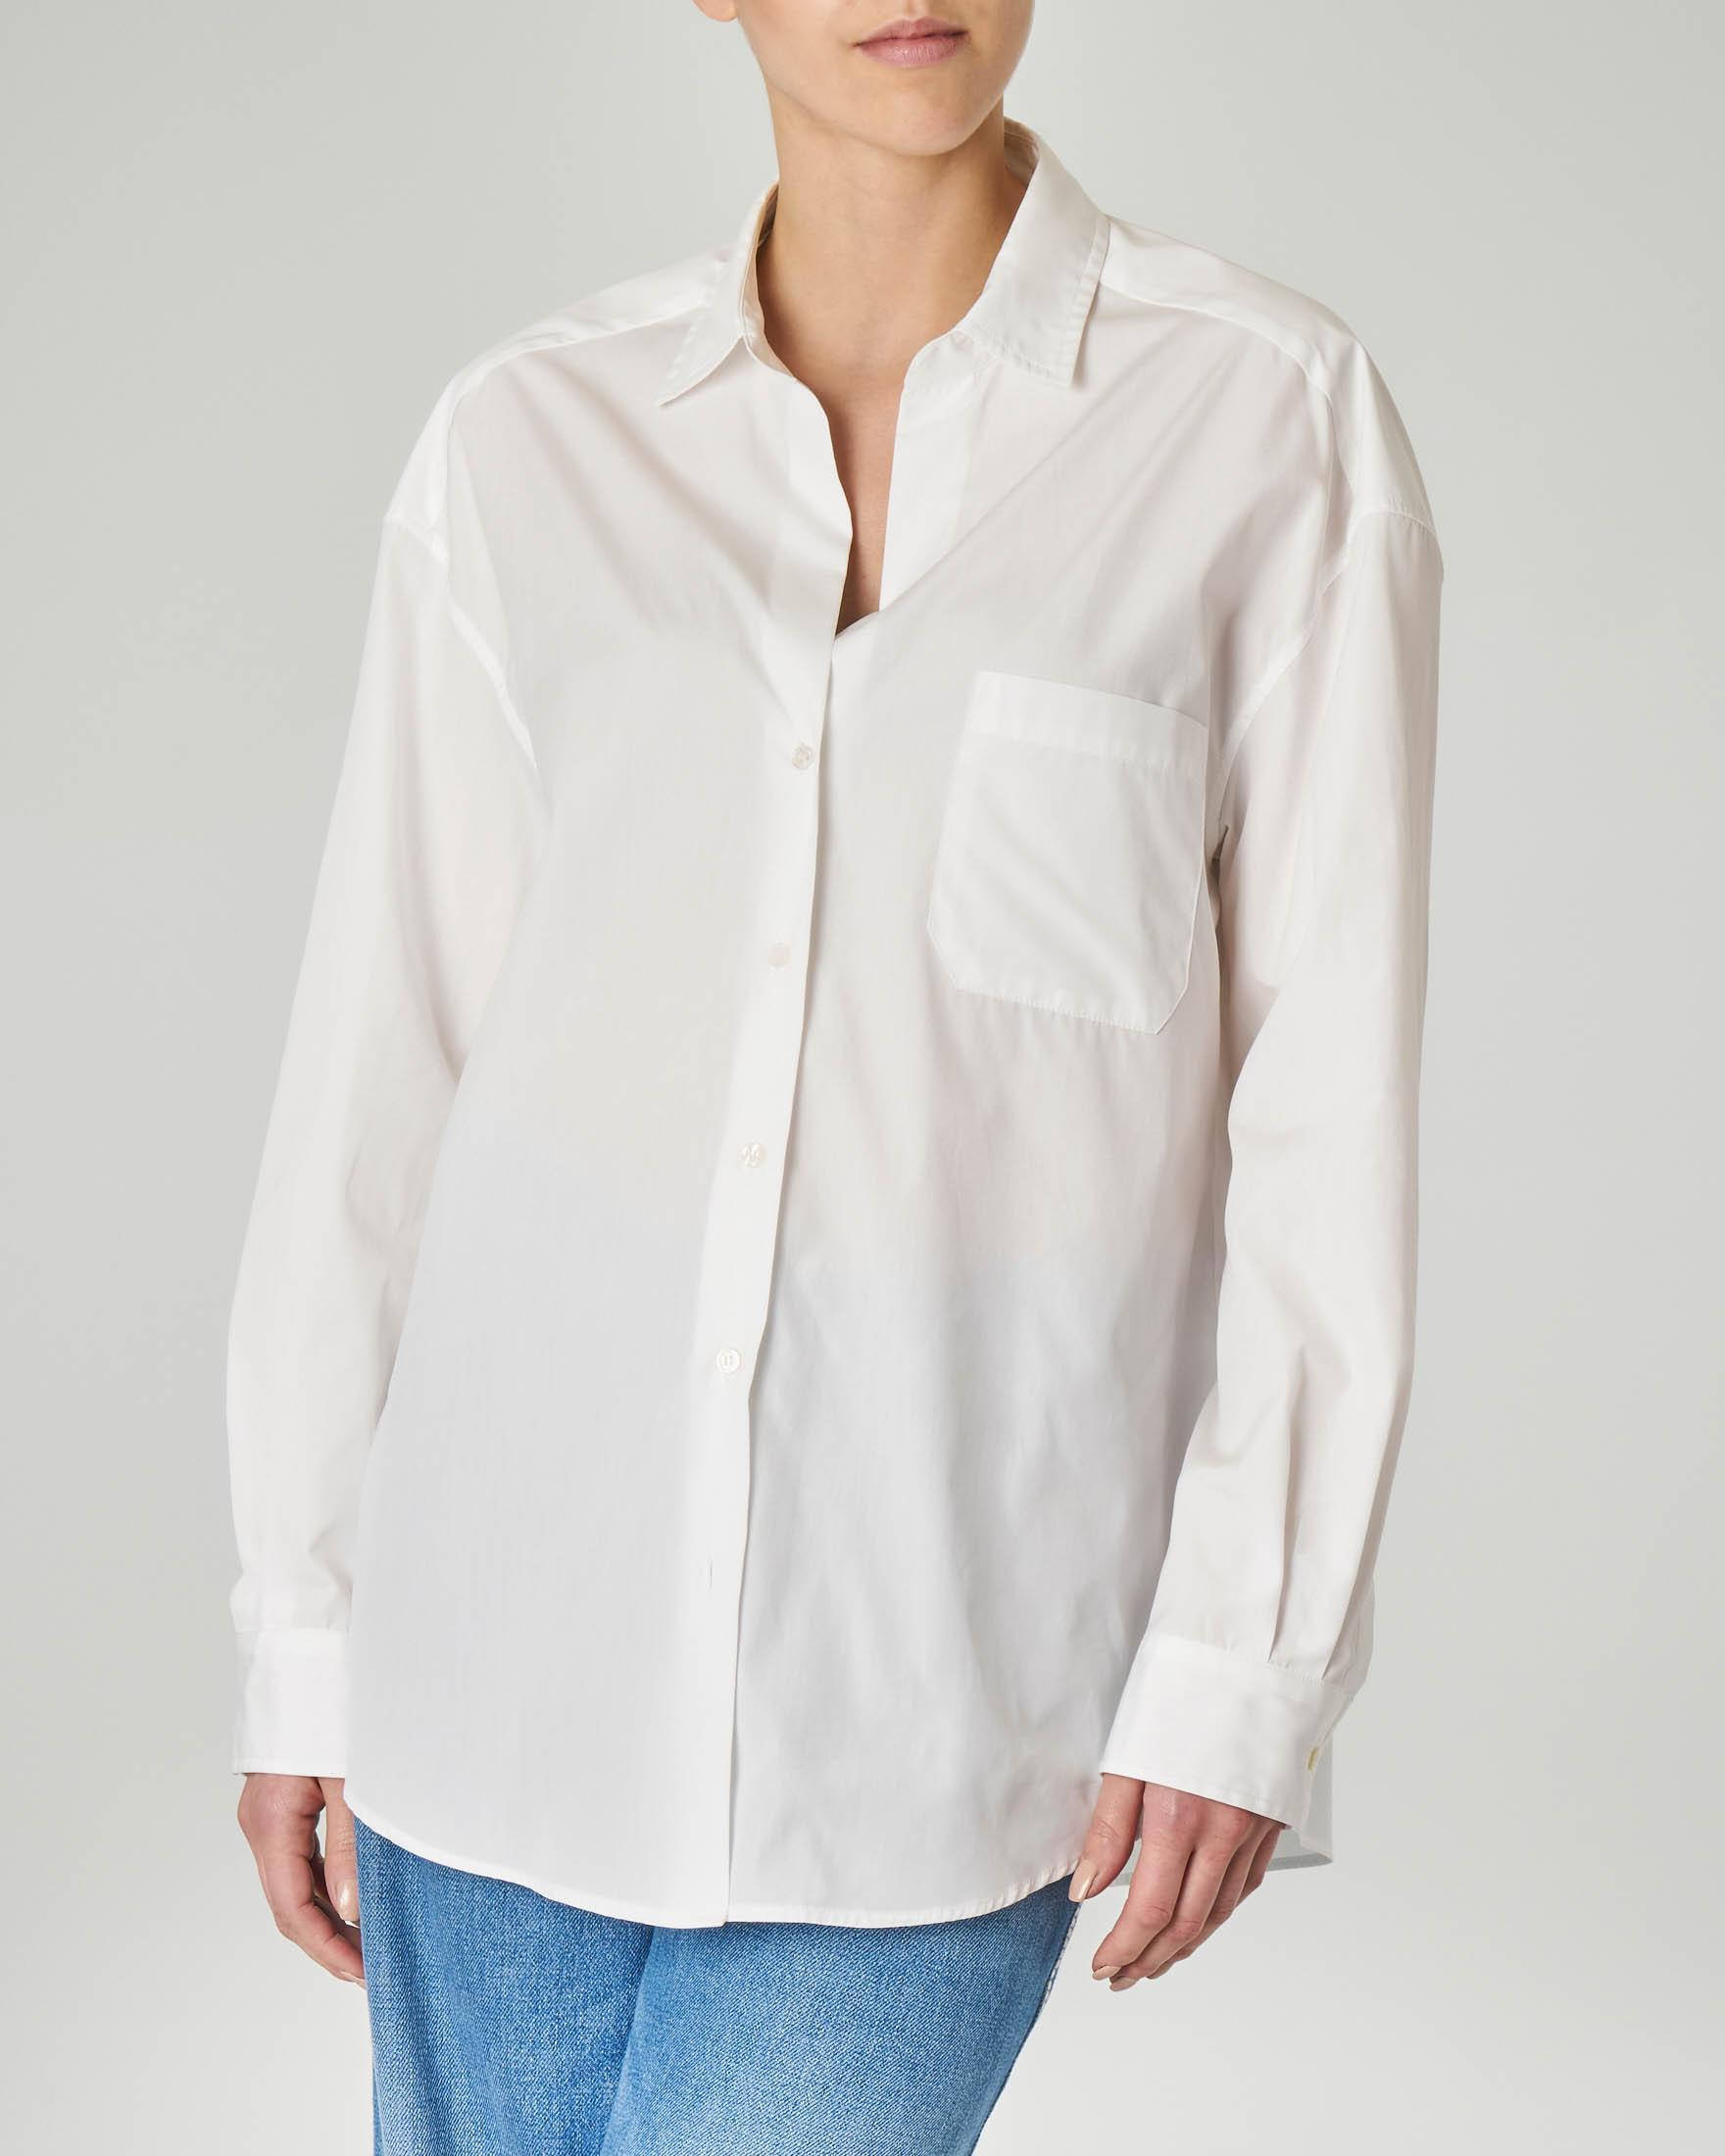 Camicia bianca oversized in cotone